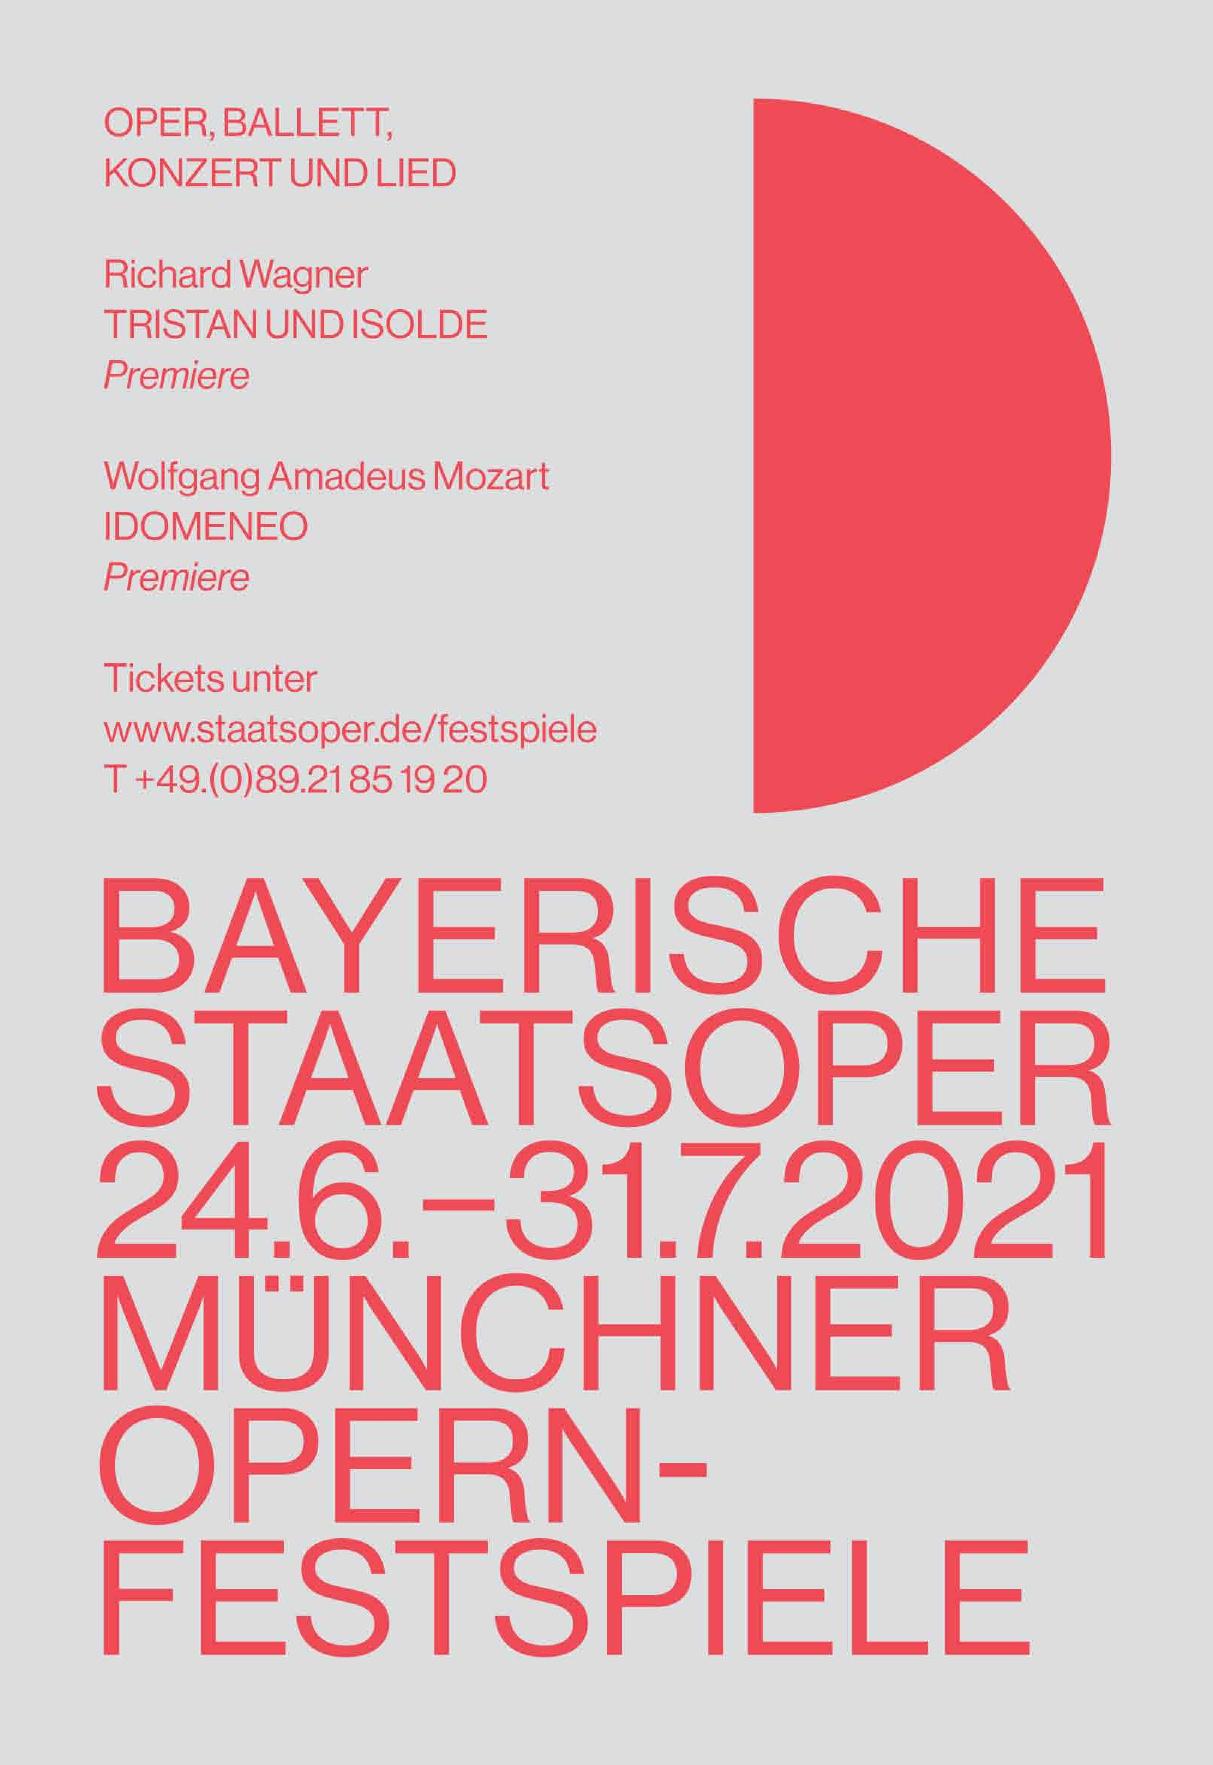 Bayerische Staatsoper - Münchner Opernfestspiele 2021